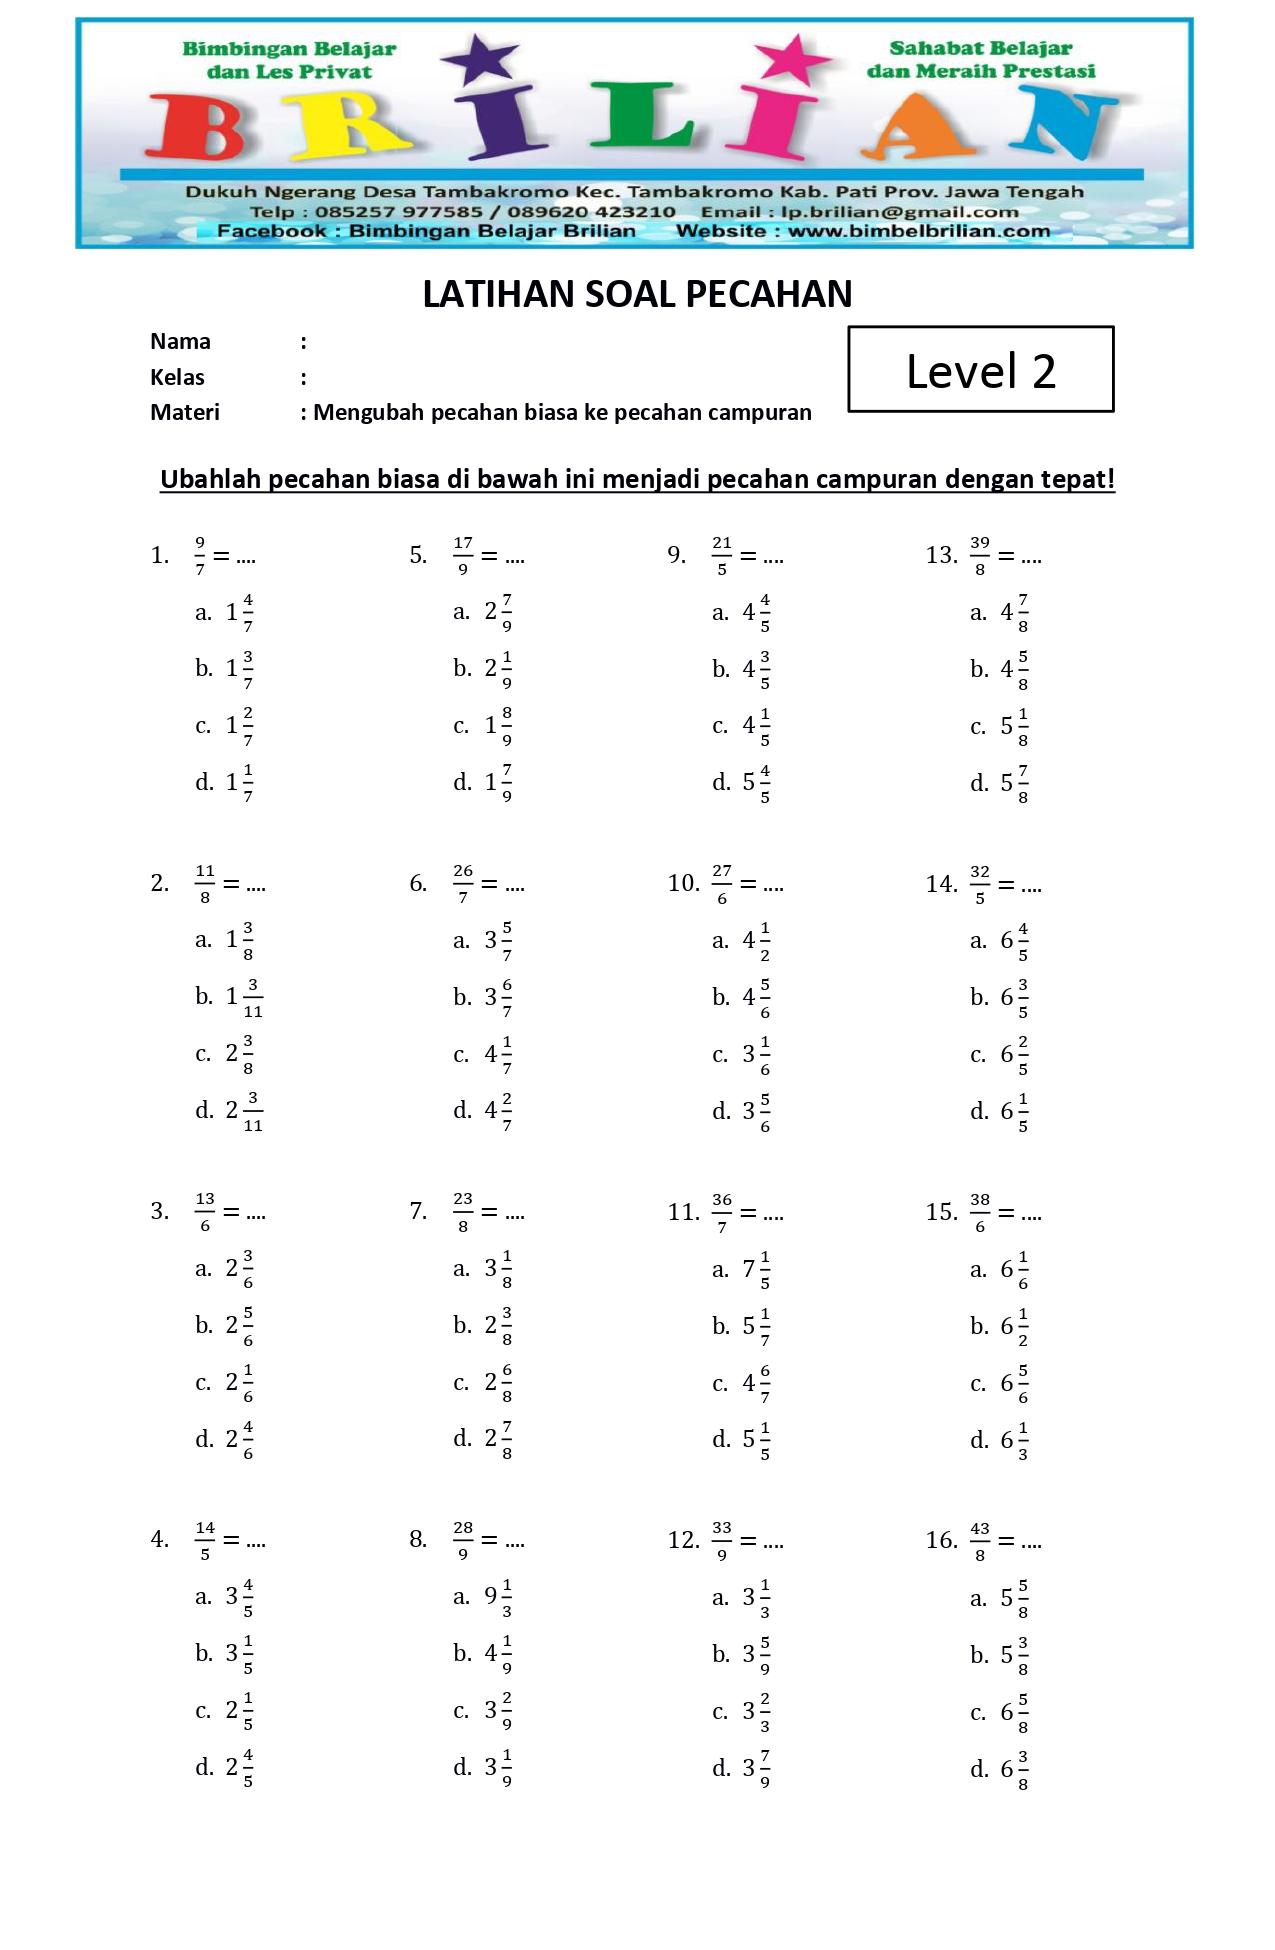 Soal Mengubah Pecahan Biasa dan Campuran Level 2 - www.bimbelbrilian.com _page-0002